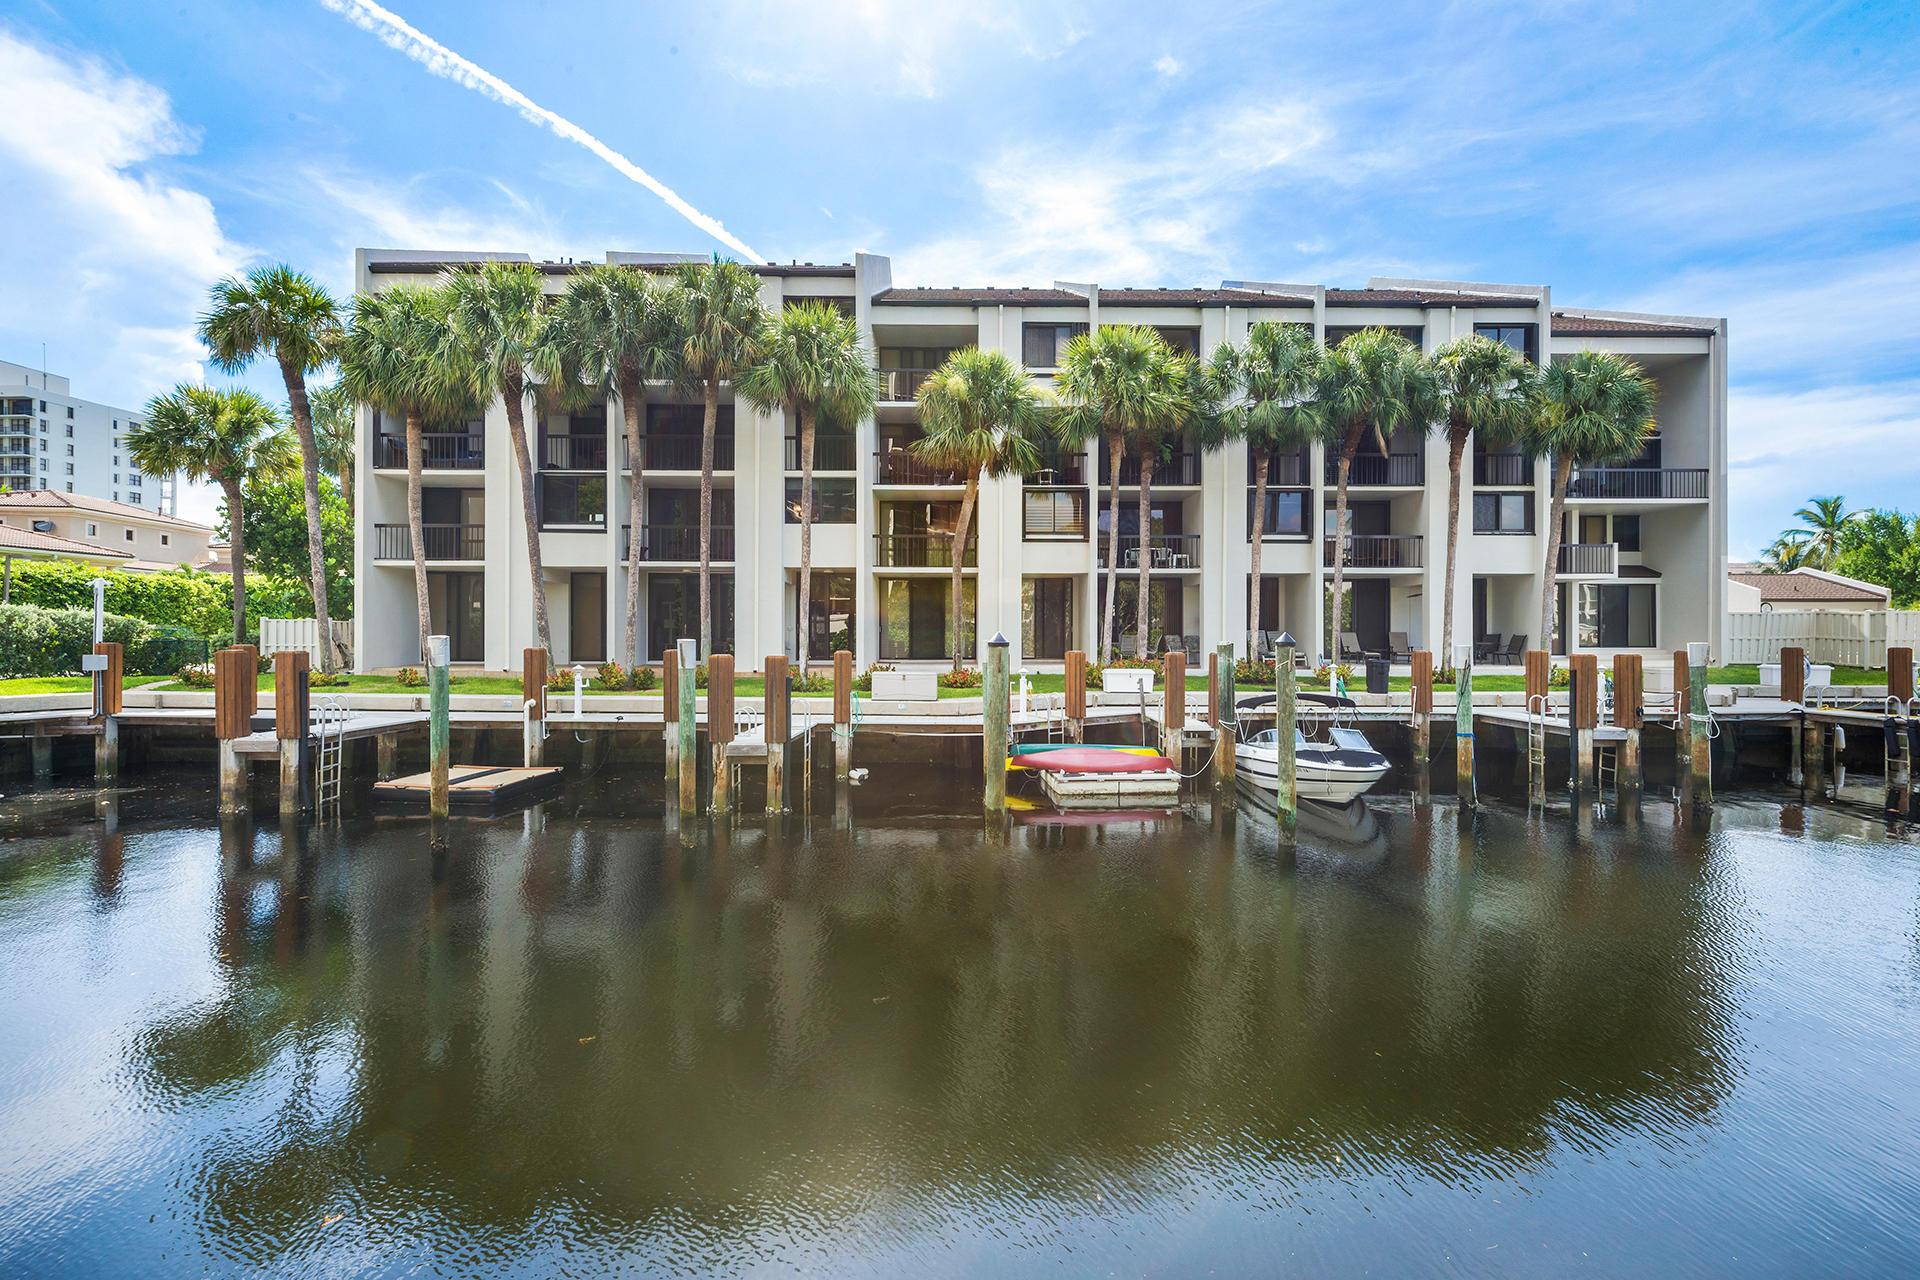 4746 S Ocean Boulevard, 11 - Highland Beach, Florida